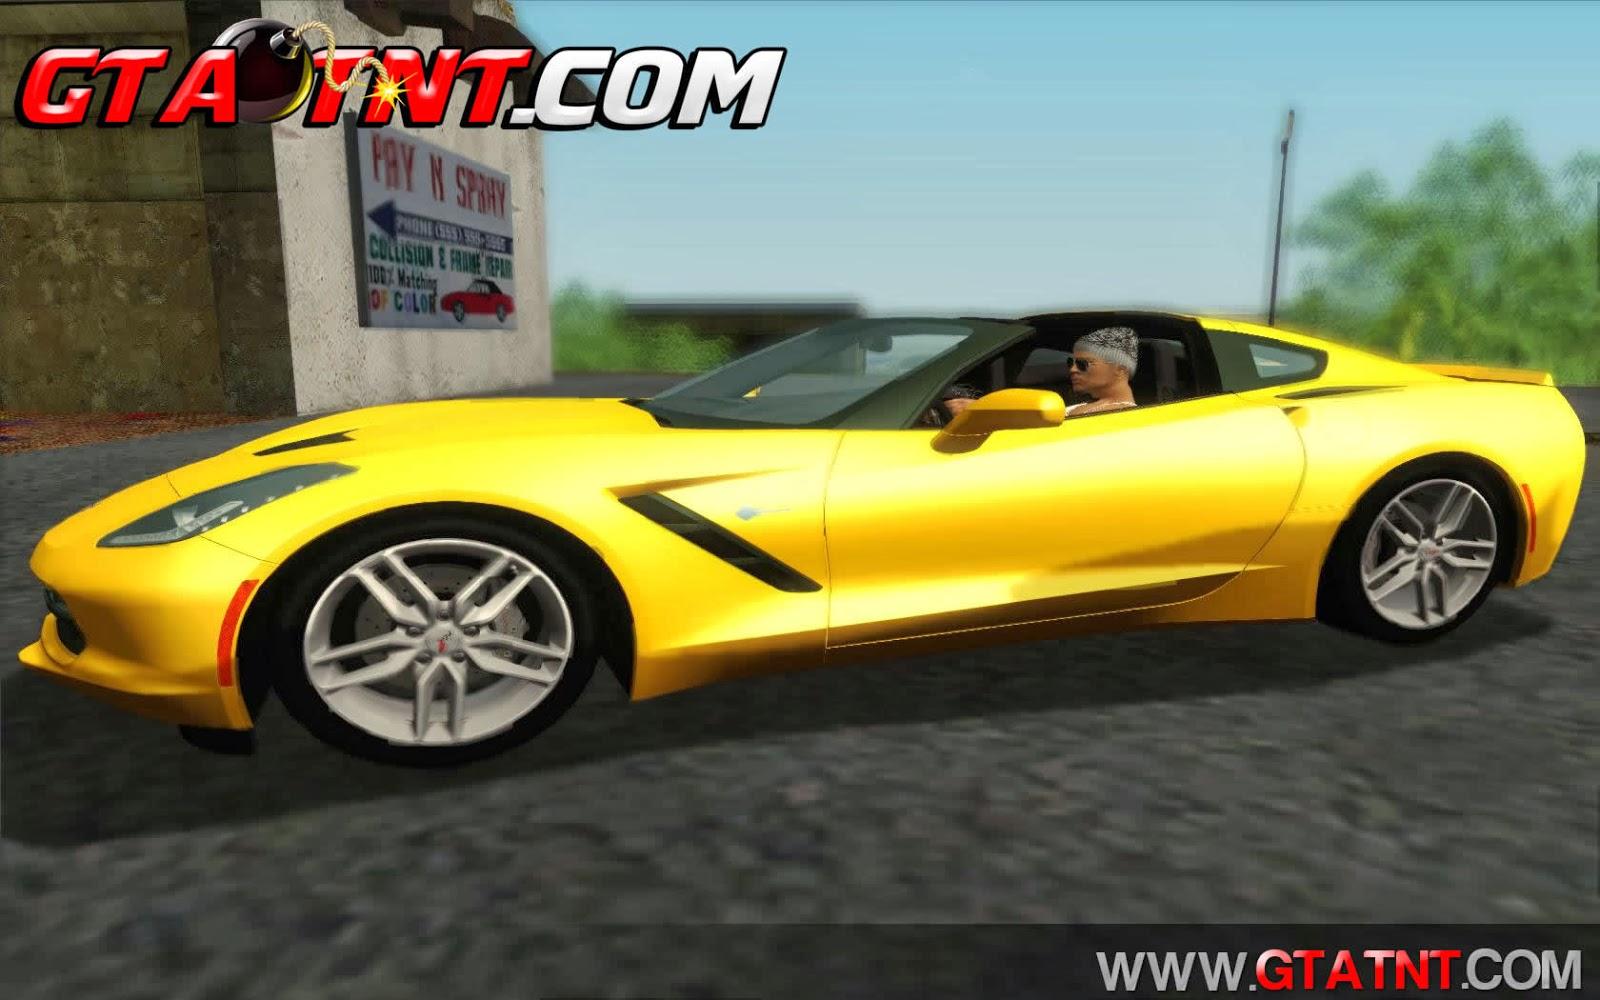 GTA SA - Chevrolet Corvette C7 Stingray 2014